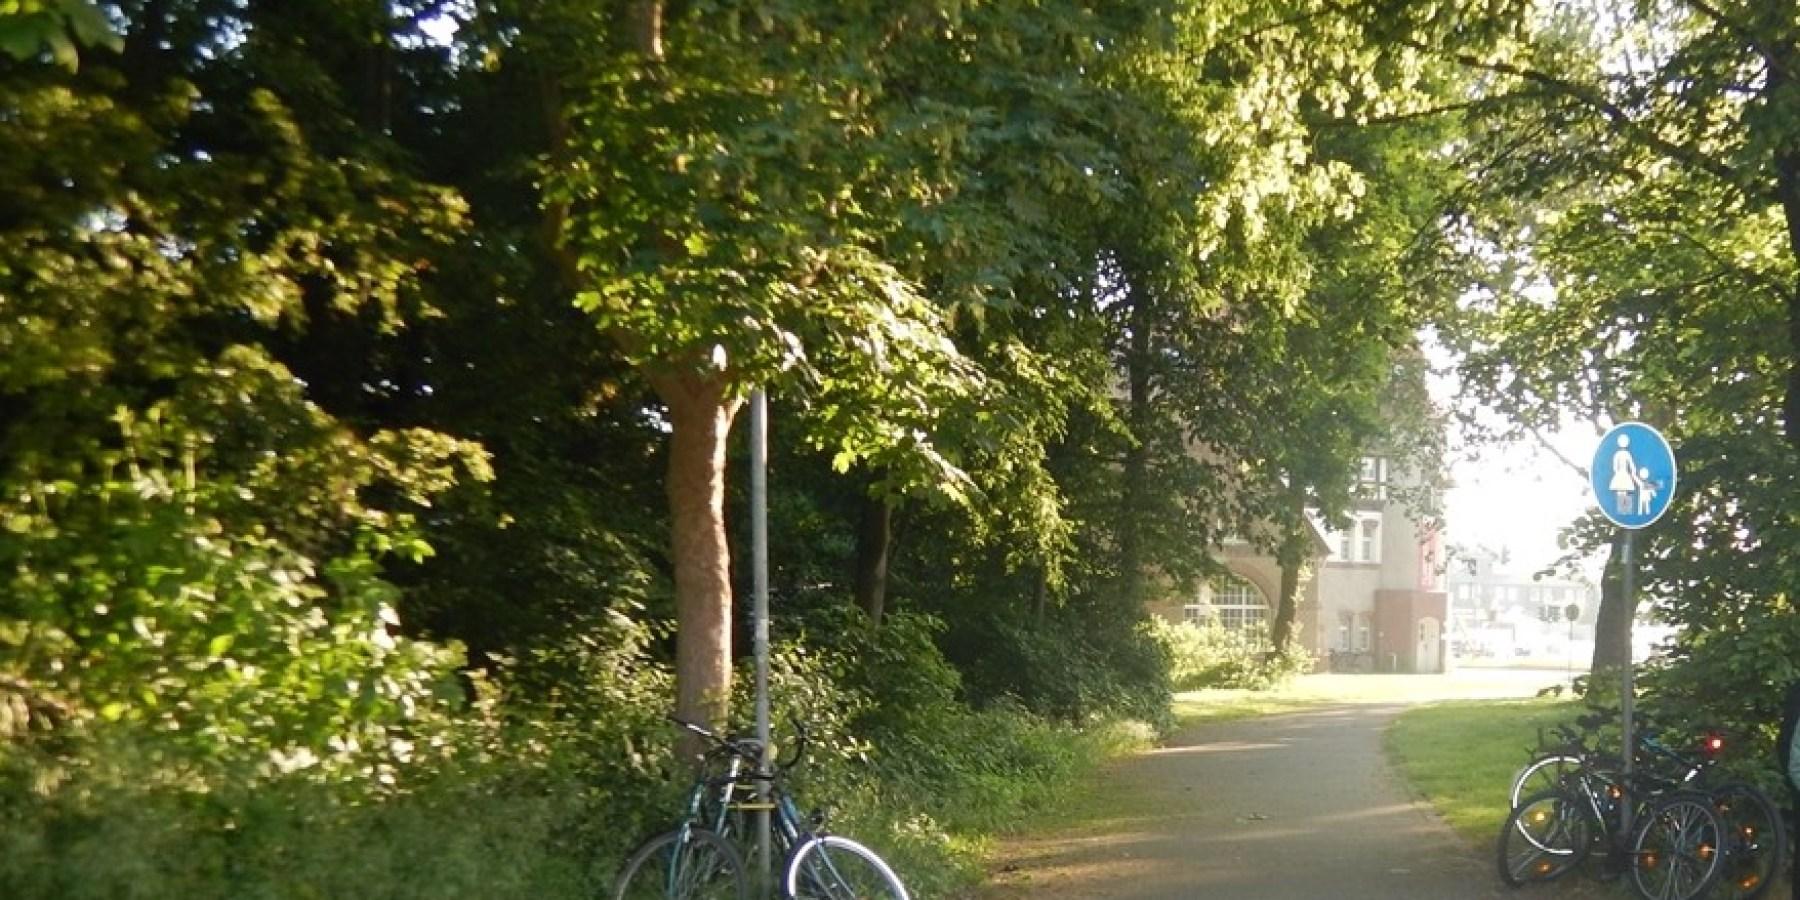 Doppeltes Fehlverhalten von Radlern – Zwei Fahrradfahrer schwer verletzt